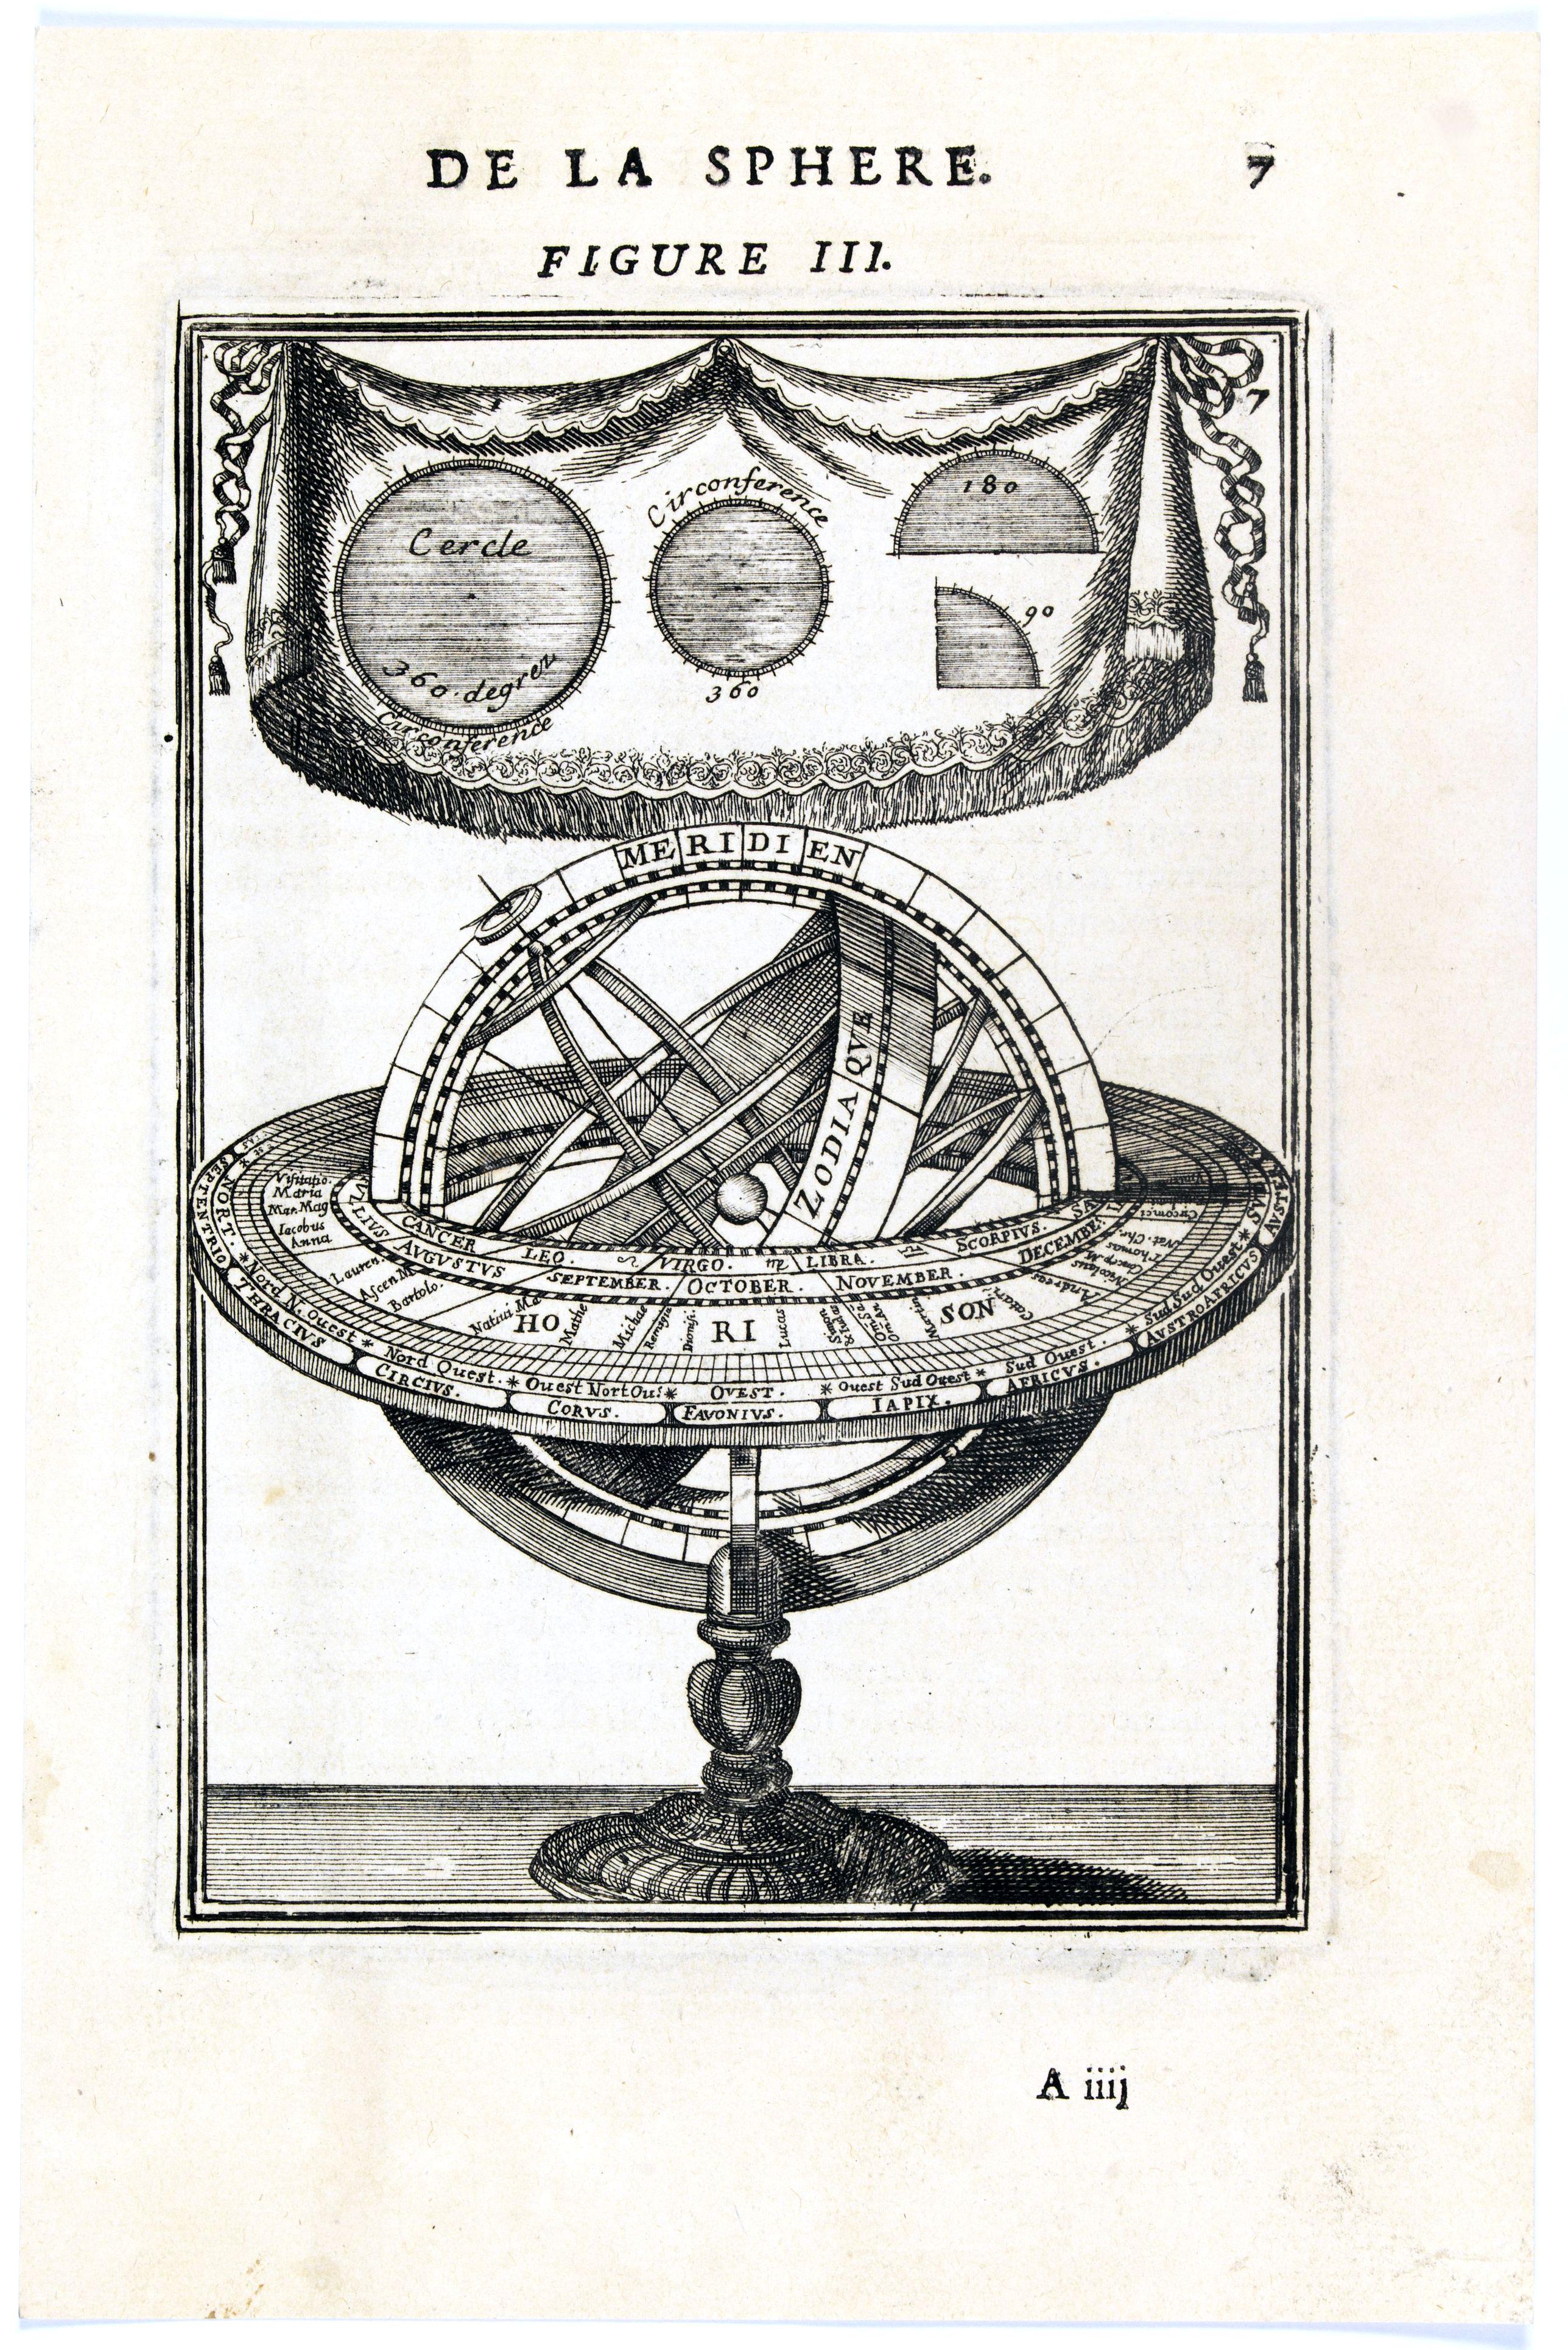 MALLET, A.M. -  DE LA SPHERE. Figure III. 7